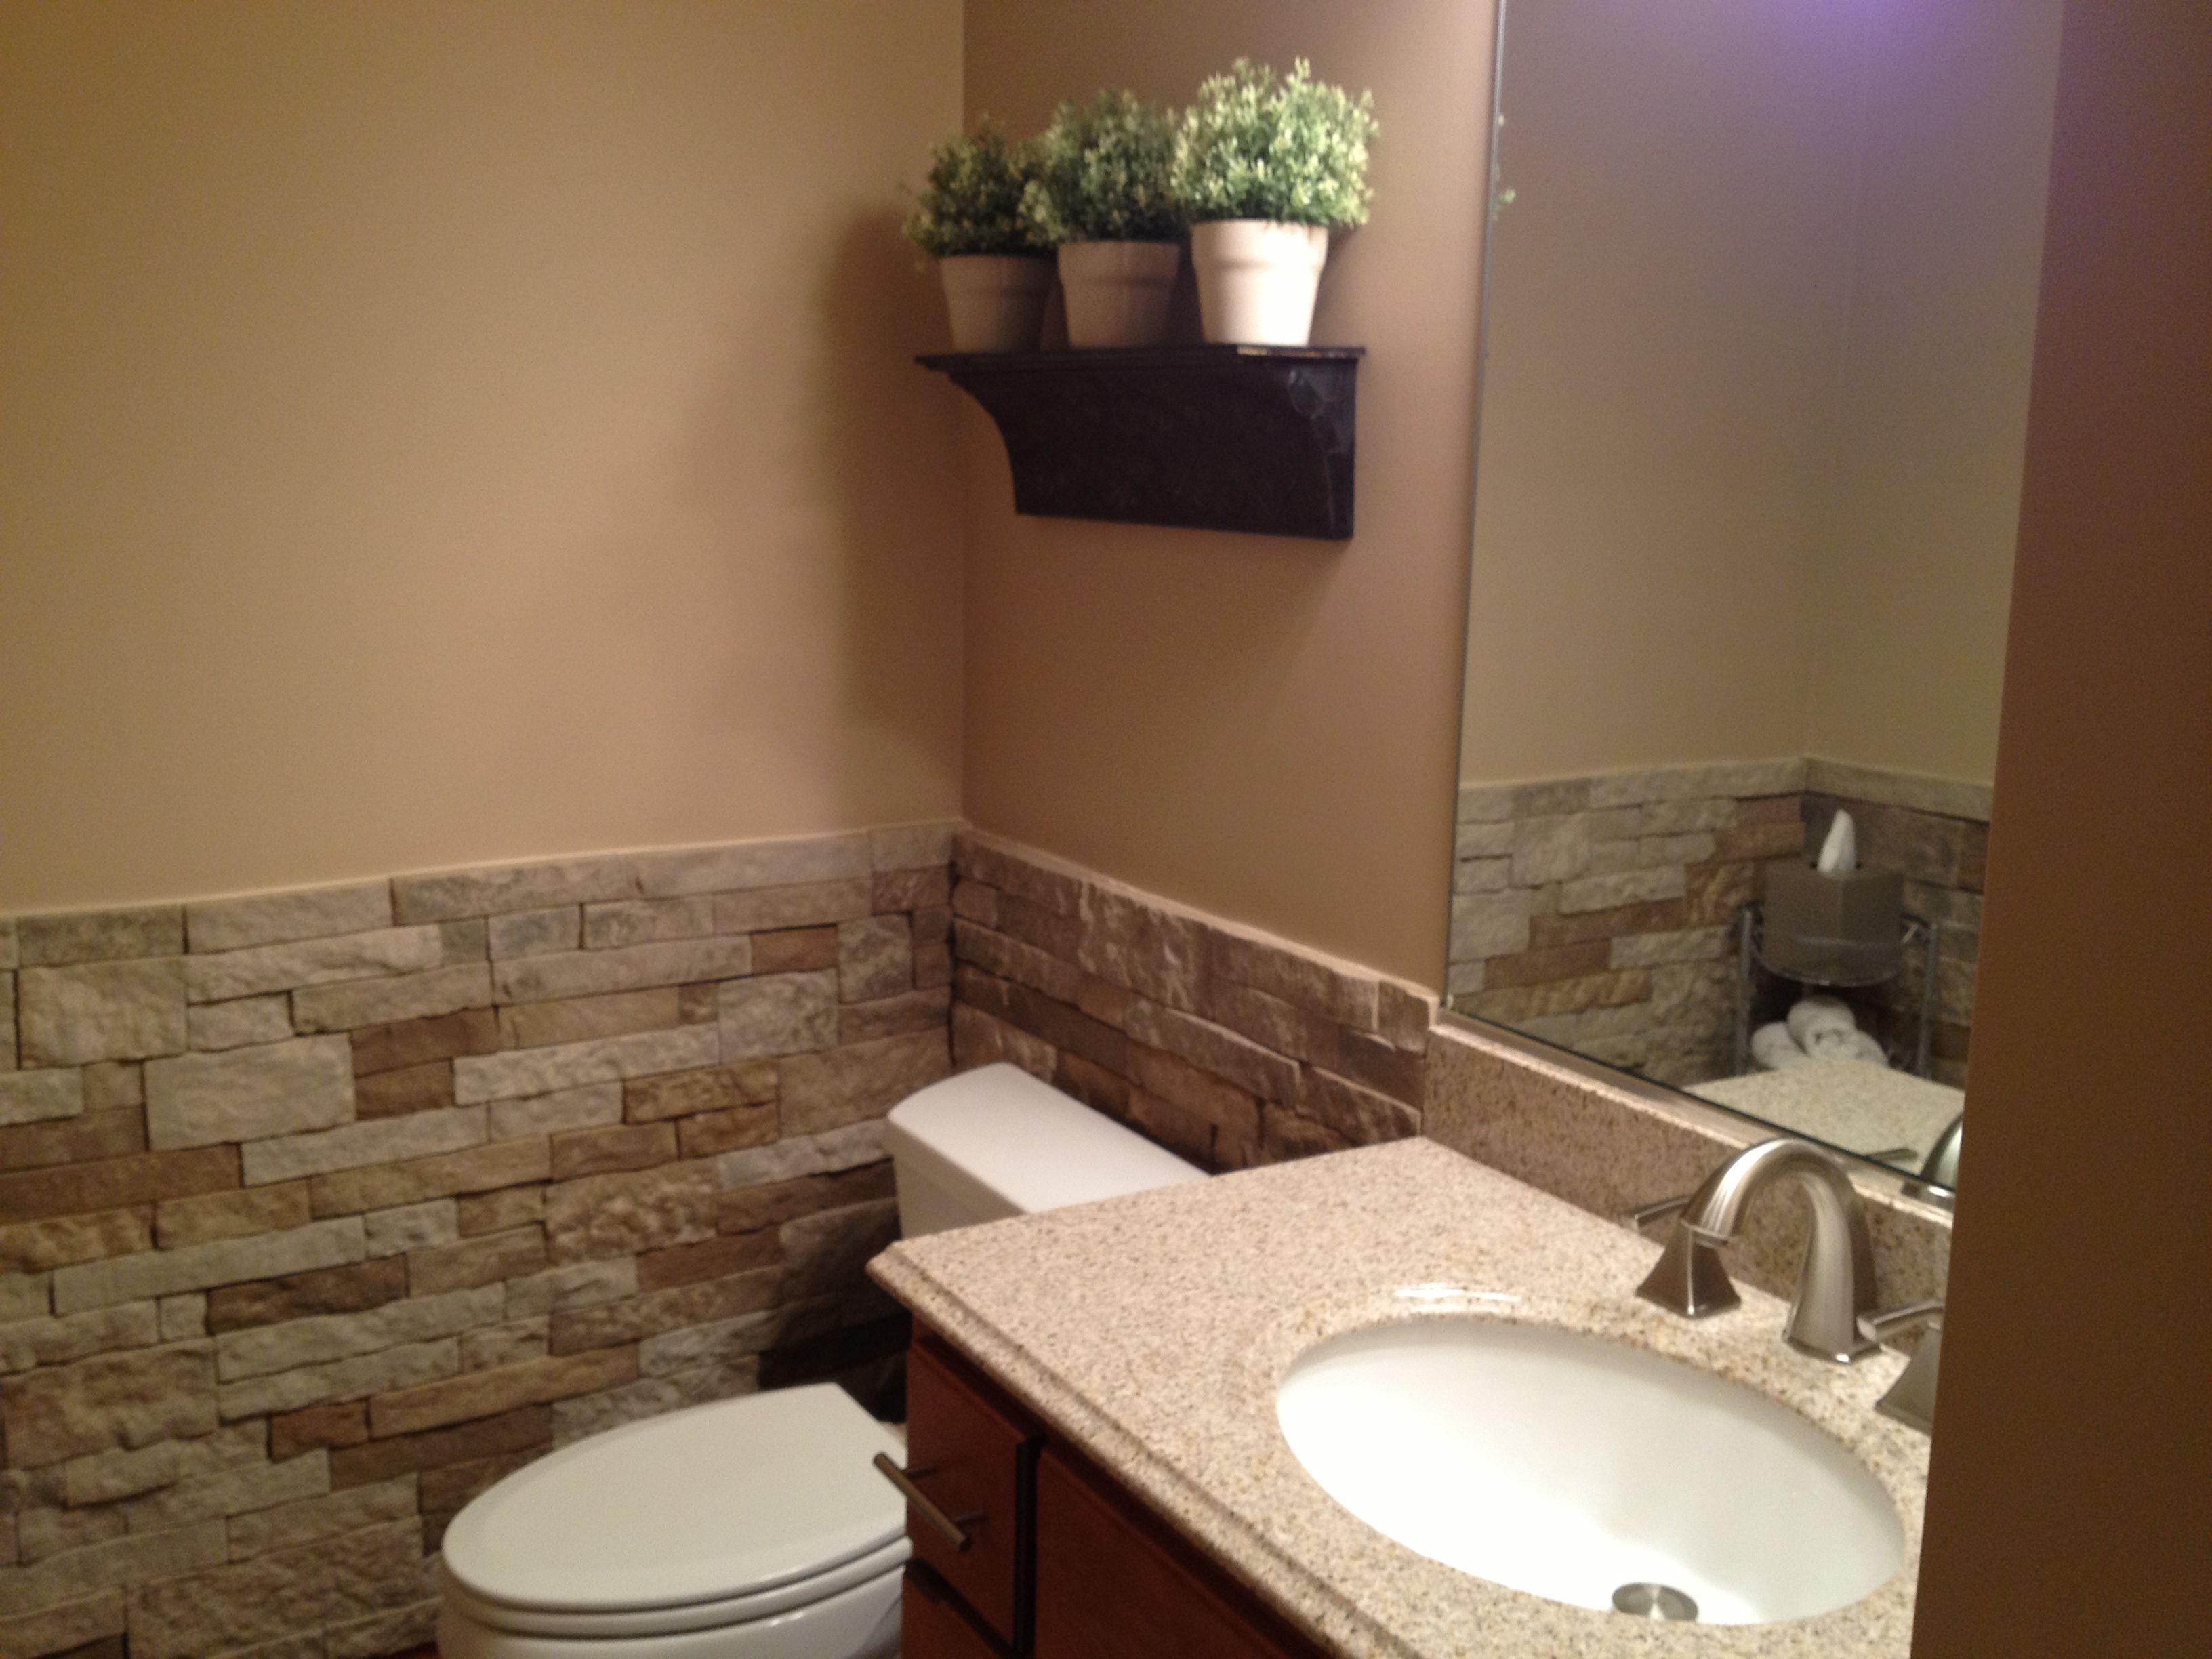 Wonderful Airstone Accent Wall Bathroom - 6398500c1533baea7a102ea188cc1b2f  Gallery_537884.jpg